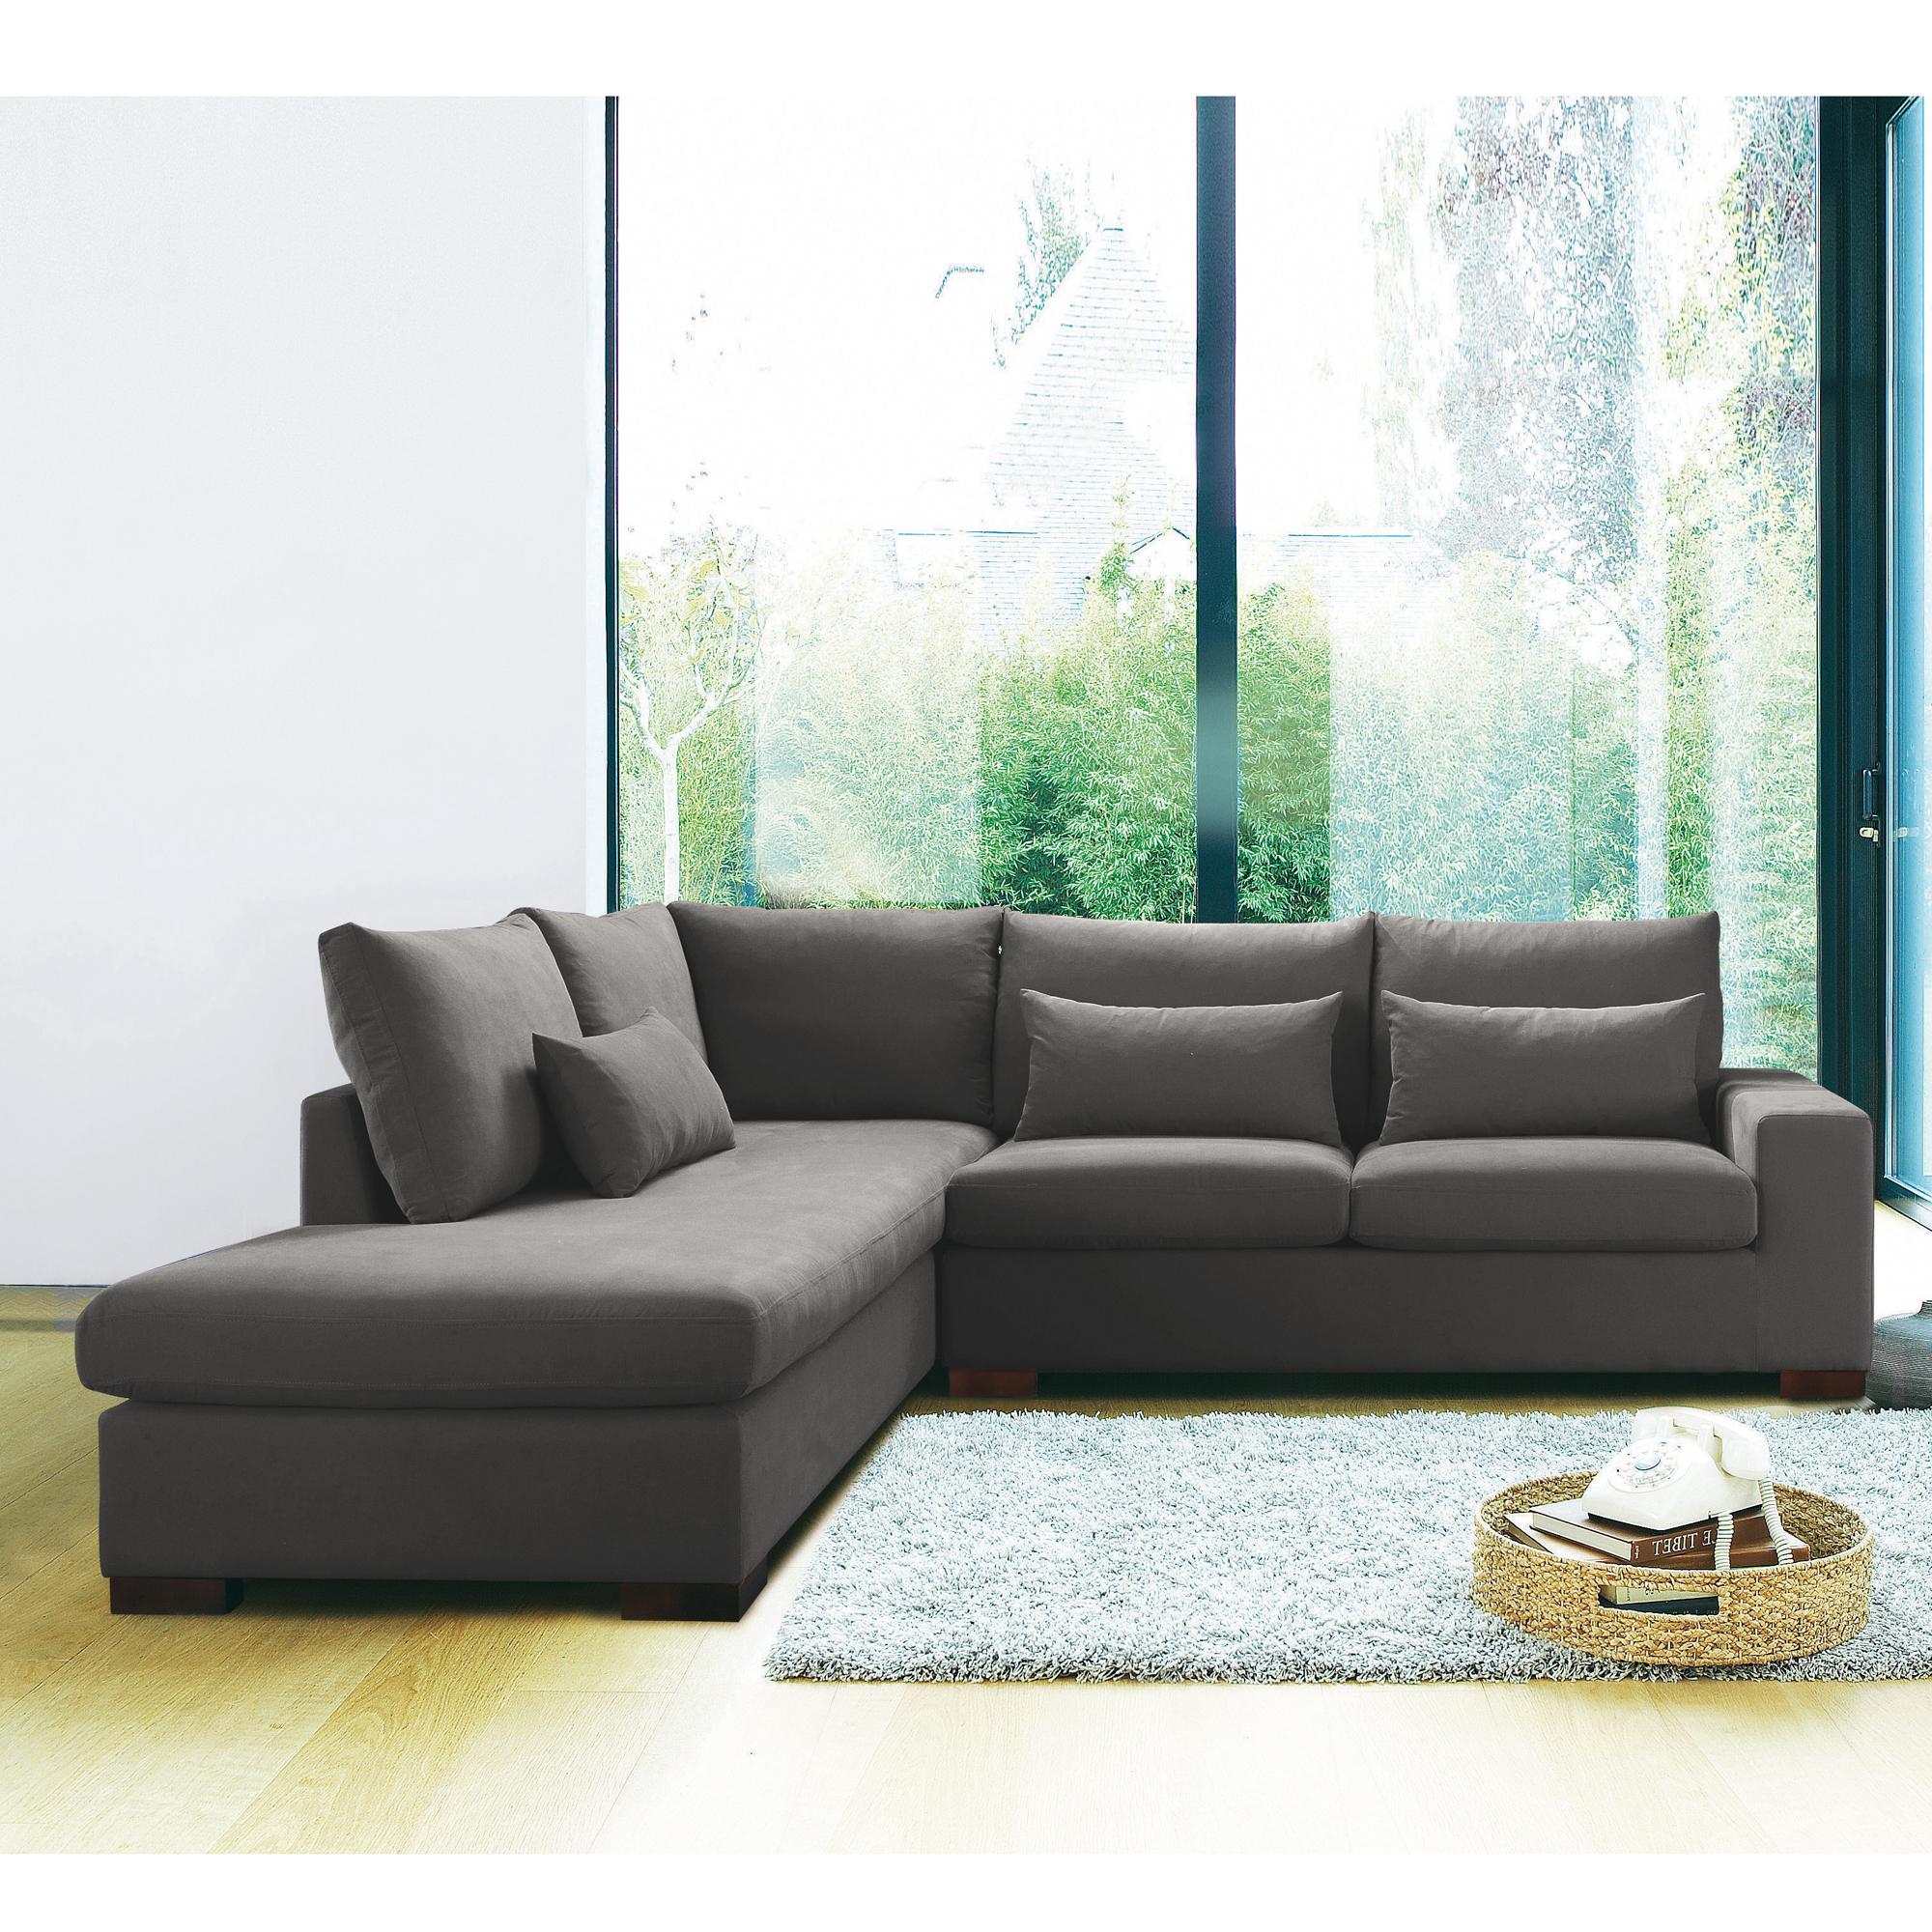 canap d 39 angle gauche fixe vittorio 2 gris perle anniversaire 40 ans acheter ce produit. Black Bedroom Furniture Sets. Home Design Ideas